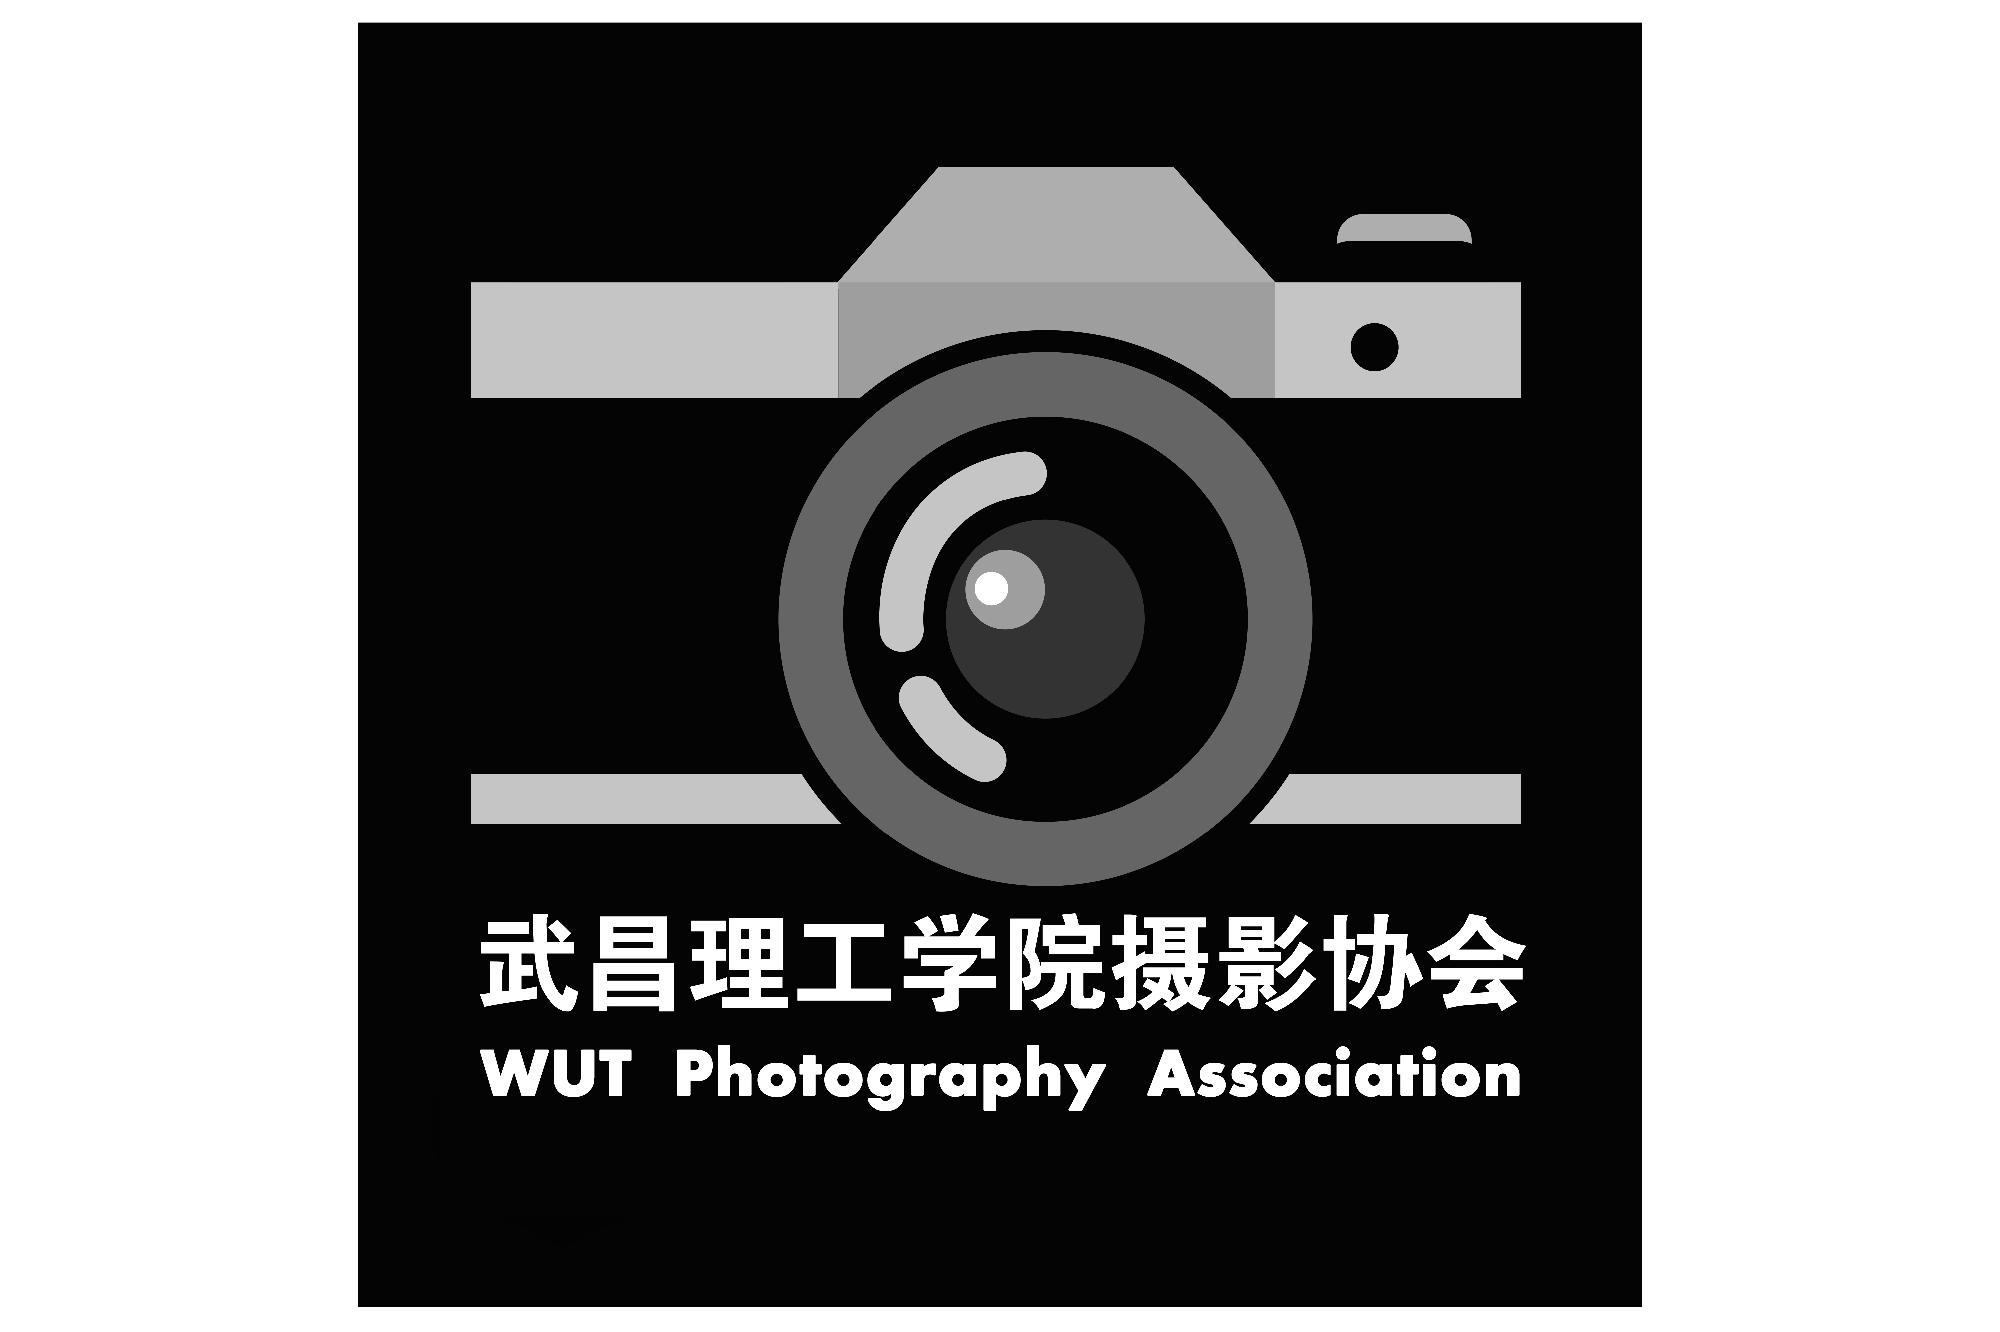 武昌理工学院摄影协会logo